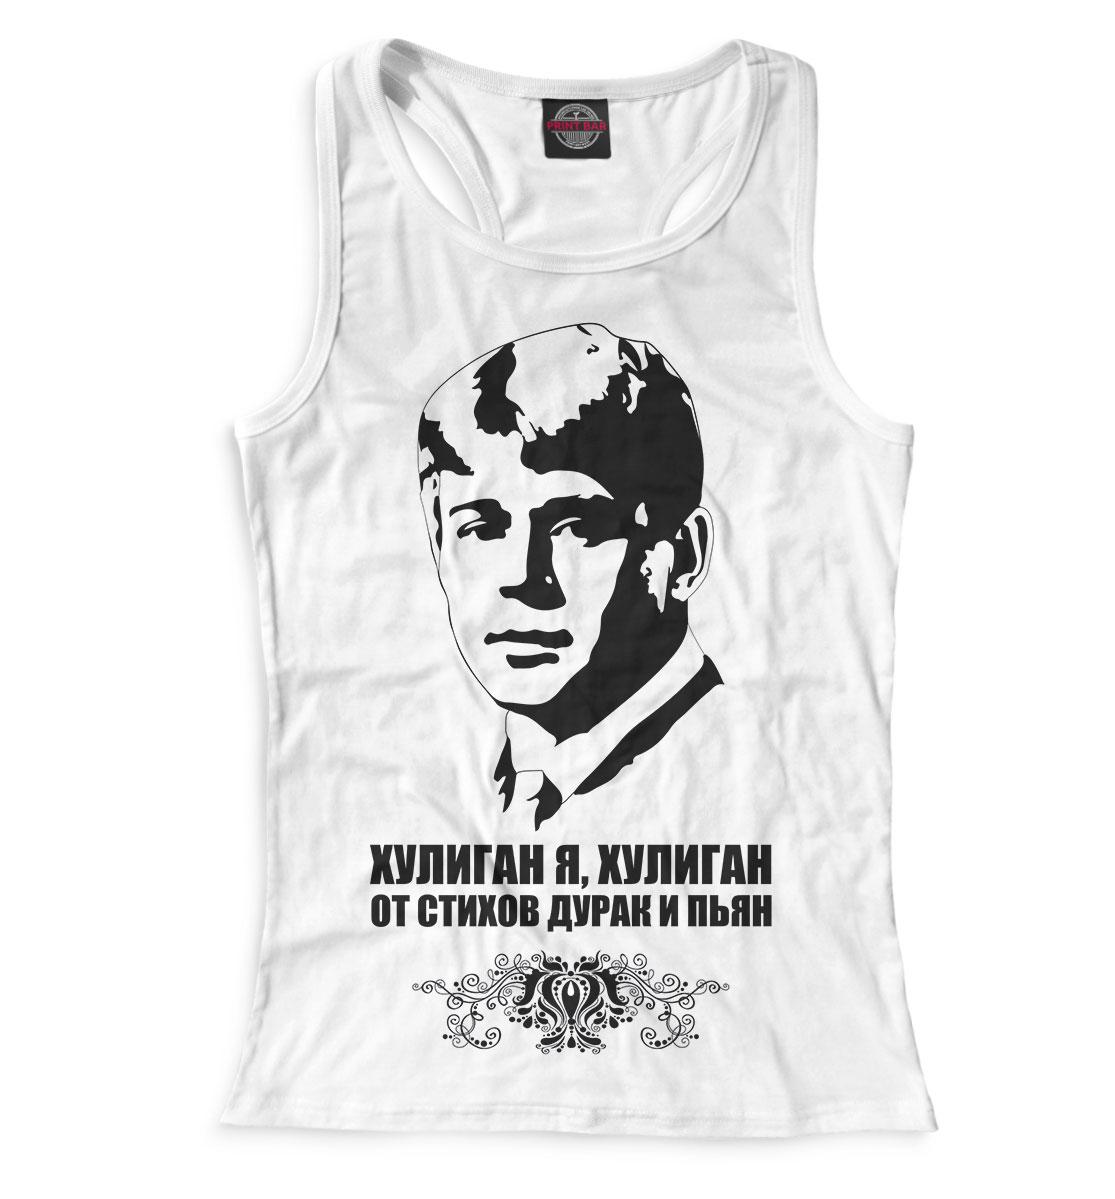 Купить Сергей Есенин, Printbar, Майки борцовки, ESN-909302-mayb-1